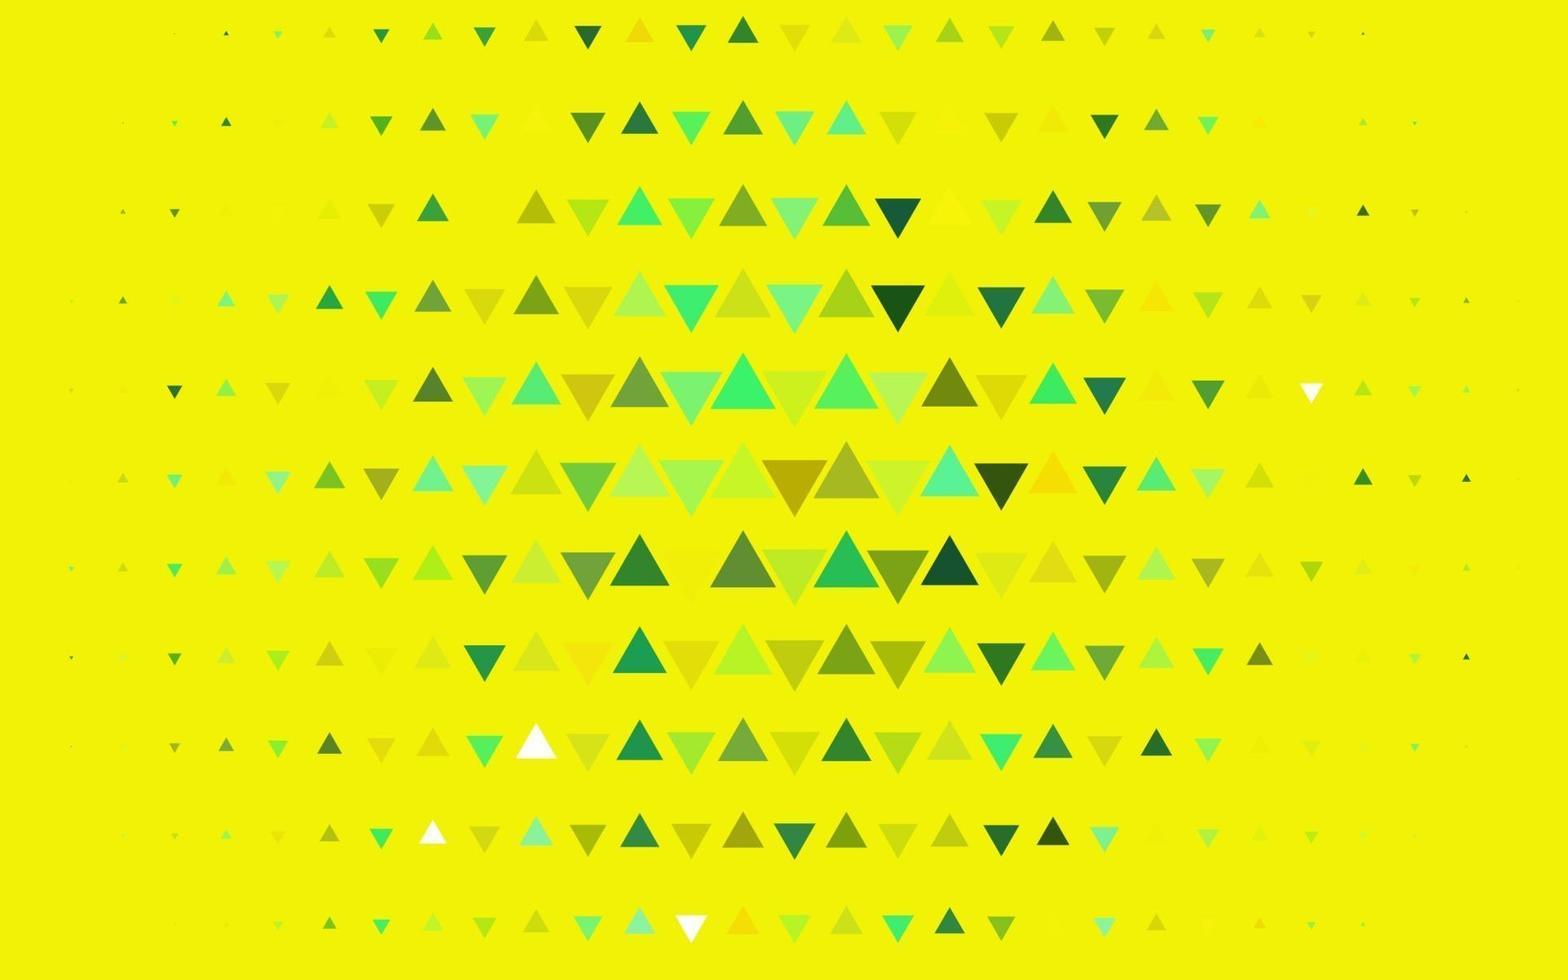 capa de vetor verde e amarelo claro em estilo poligonal.